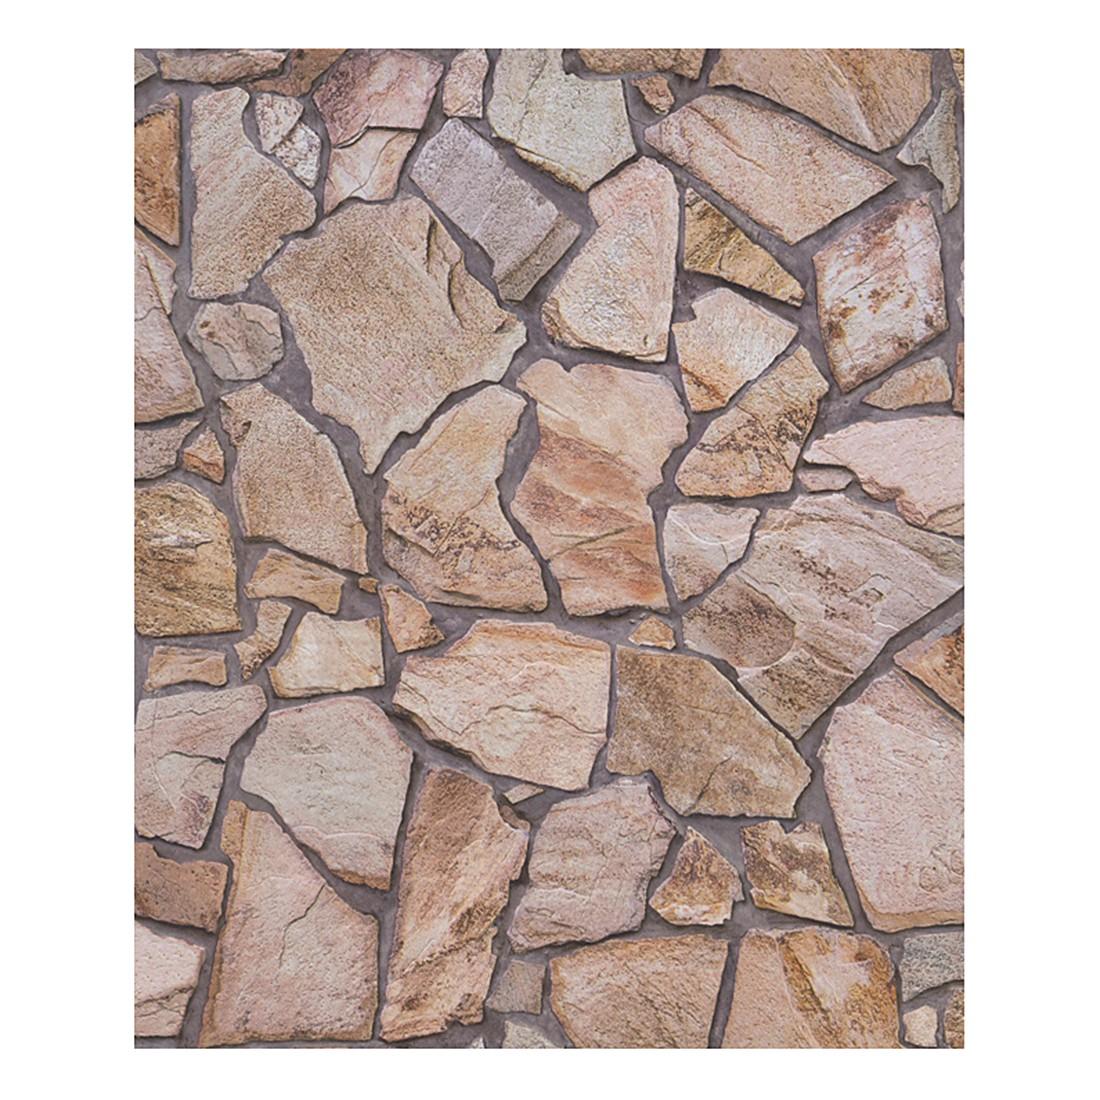 Tapete Wood and Stone – beige, braun, grau – glatt, fein strukturiert, Home24Deko online kaufen